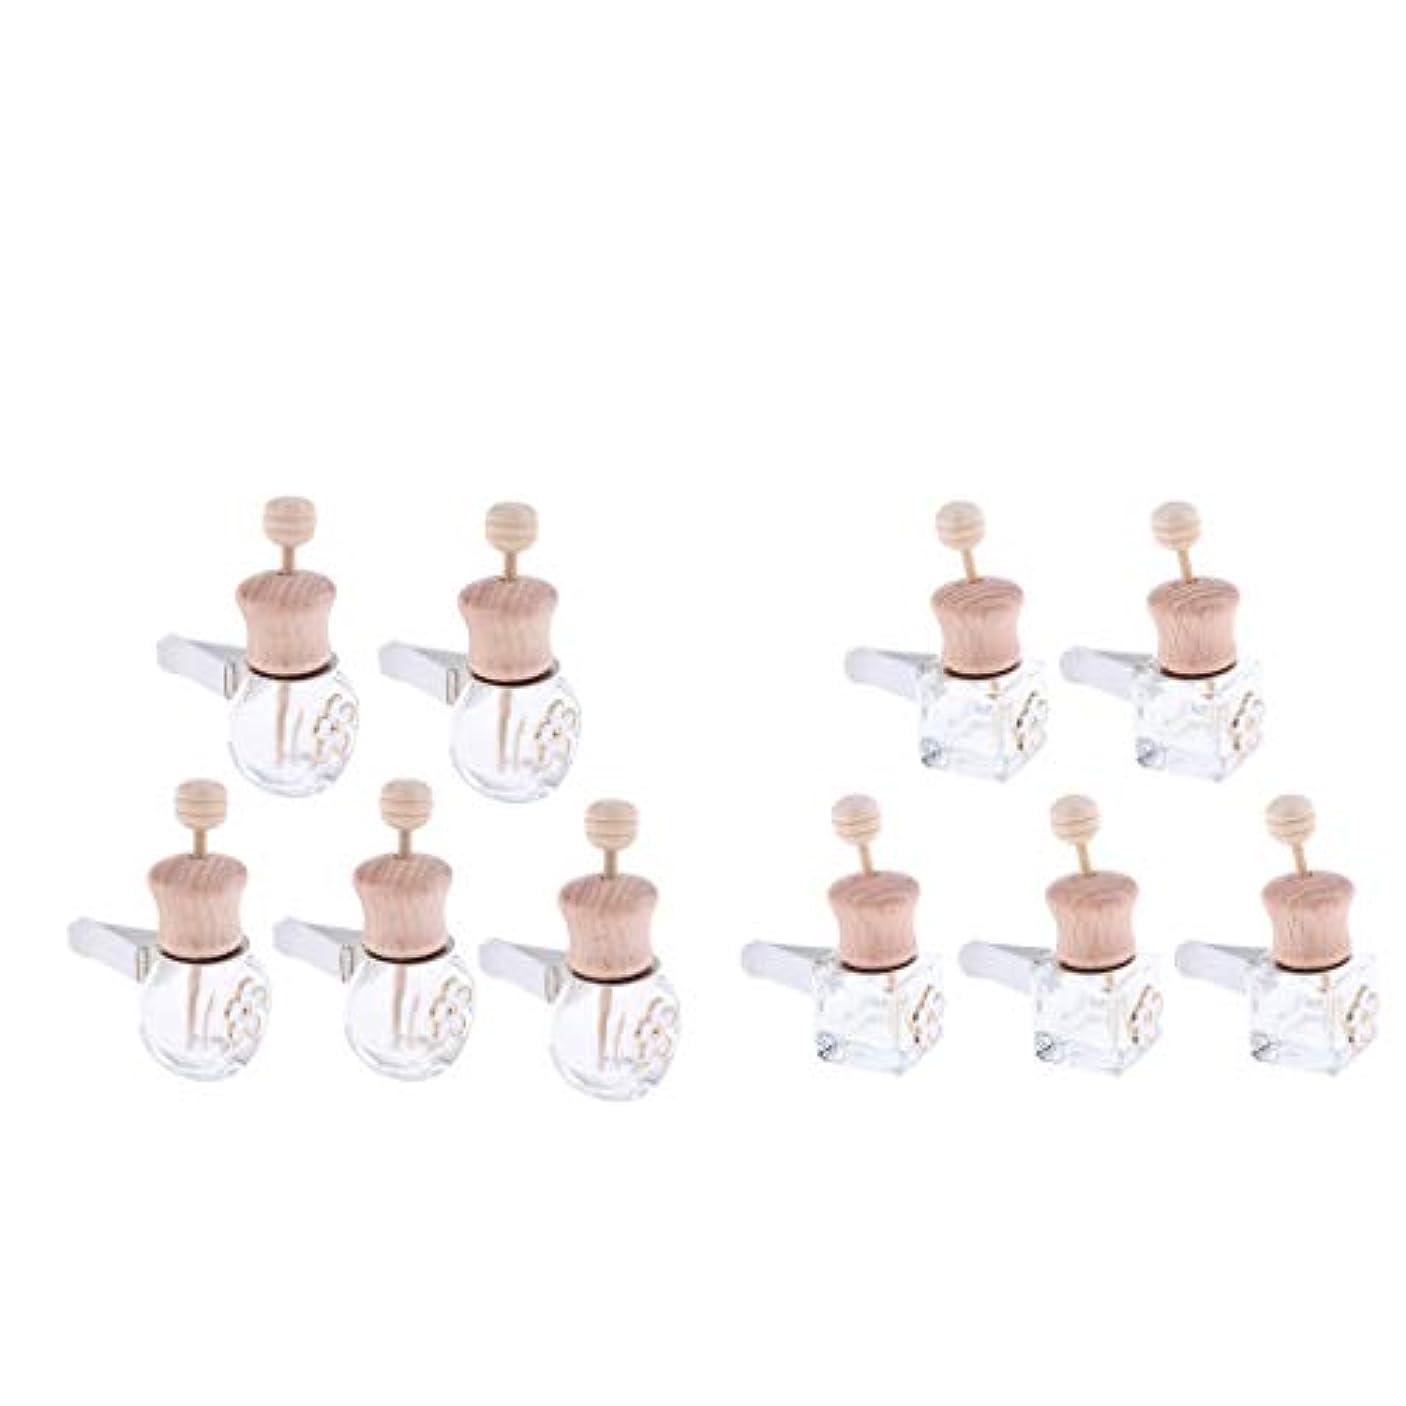 呼び出す歯車シフトSM SunniMix 車 香水ボトル 詰め替え式 ディフューザー 8ml+6ml 装飾 雰囲気 作り出す 10個入